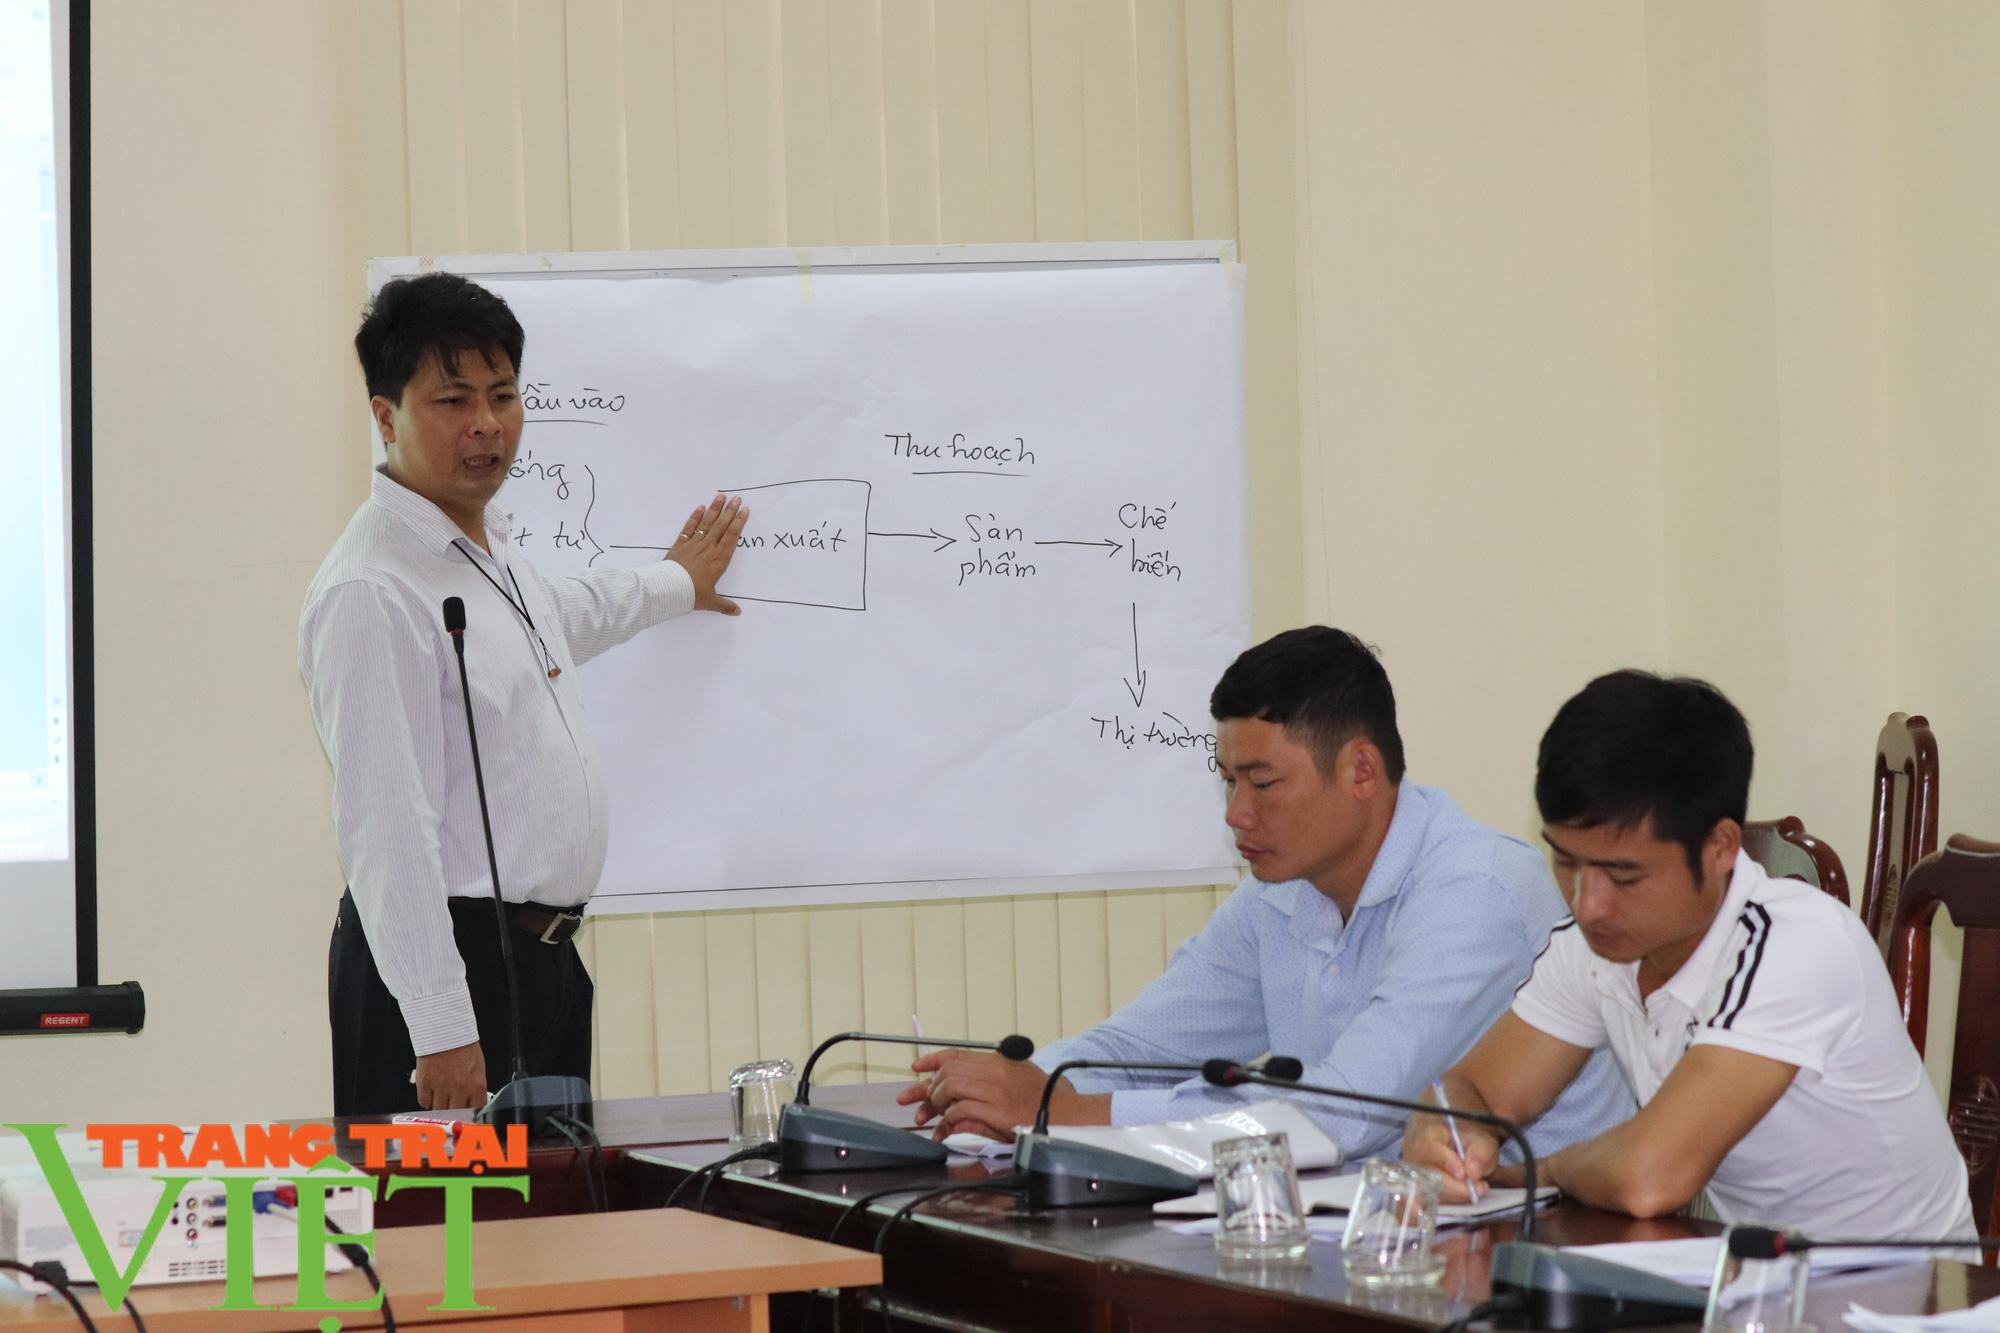 Hội Nông dân tỉnh Sơn La tập huấn kỹ năng viết đề xuất và quản lý vốn tài trợ nhỏ - Ảnh 4.